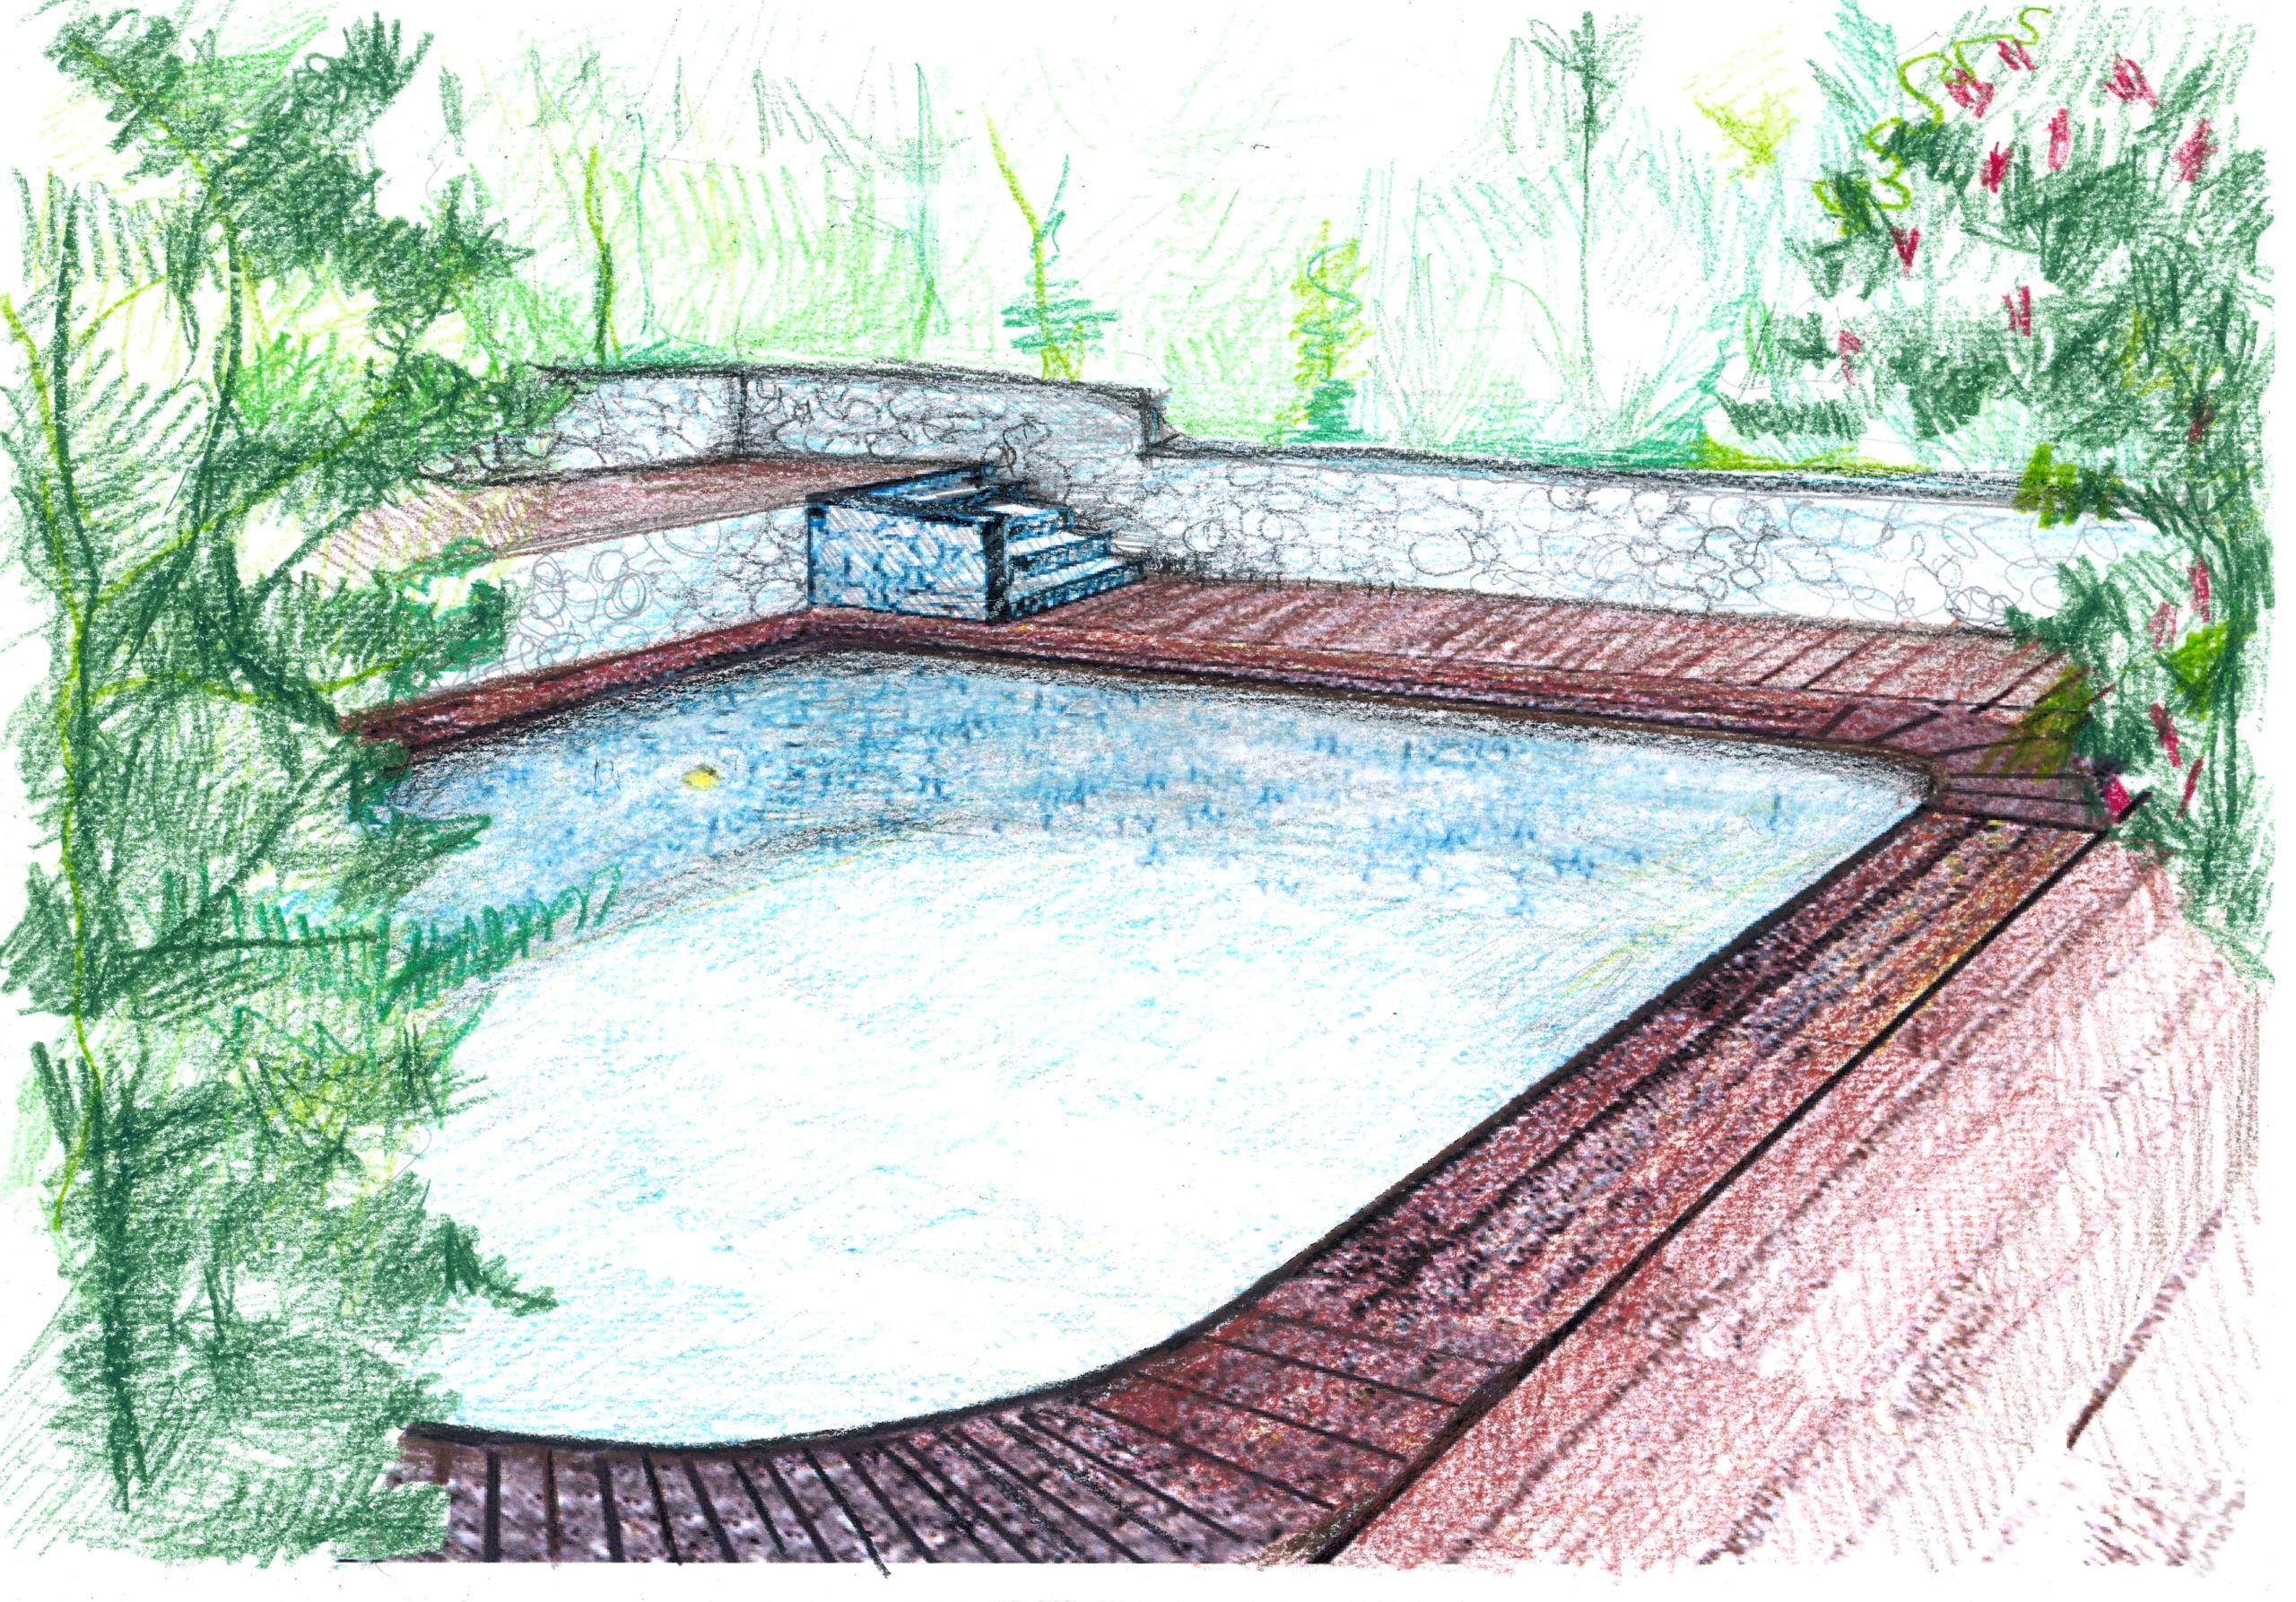 2. Bozza progettuale prospettica con scorcio gradinate e pavimentazione esterna piscina rivestite in doghe di legno e parapetto gradinate in pietra: stato di progetto.